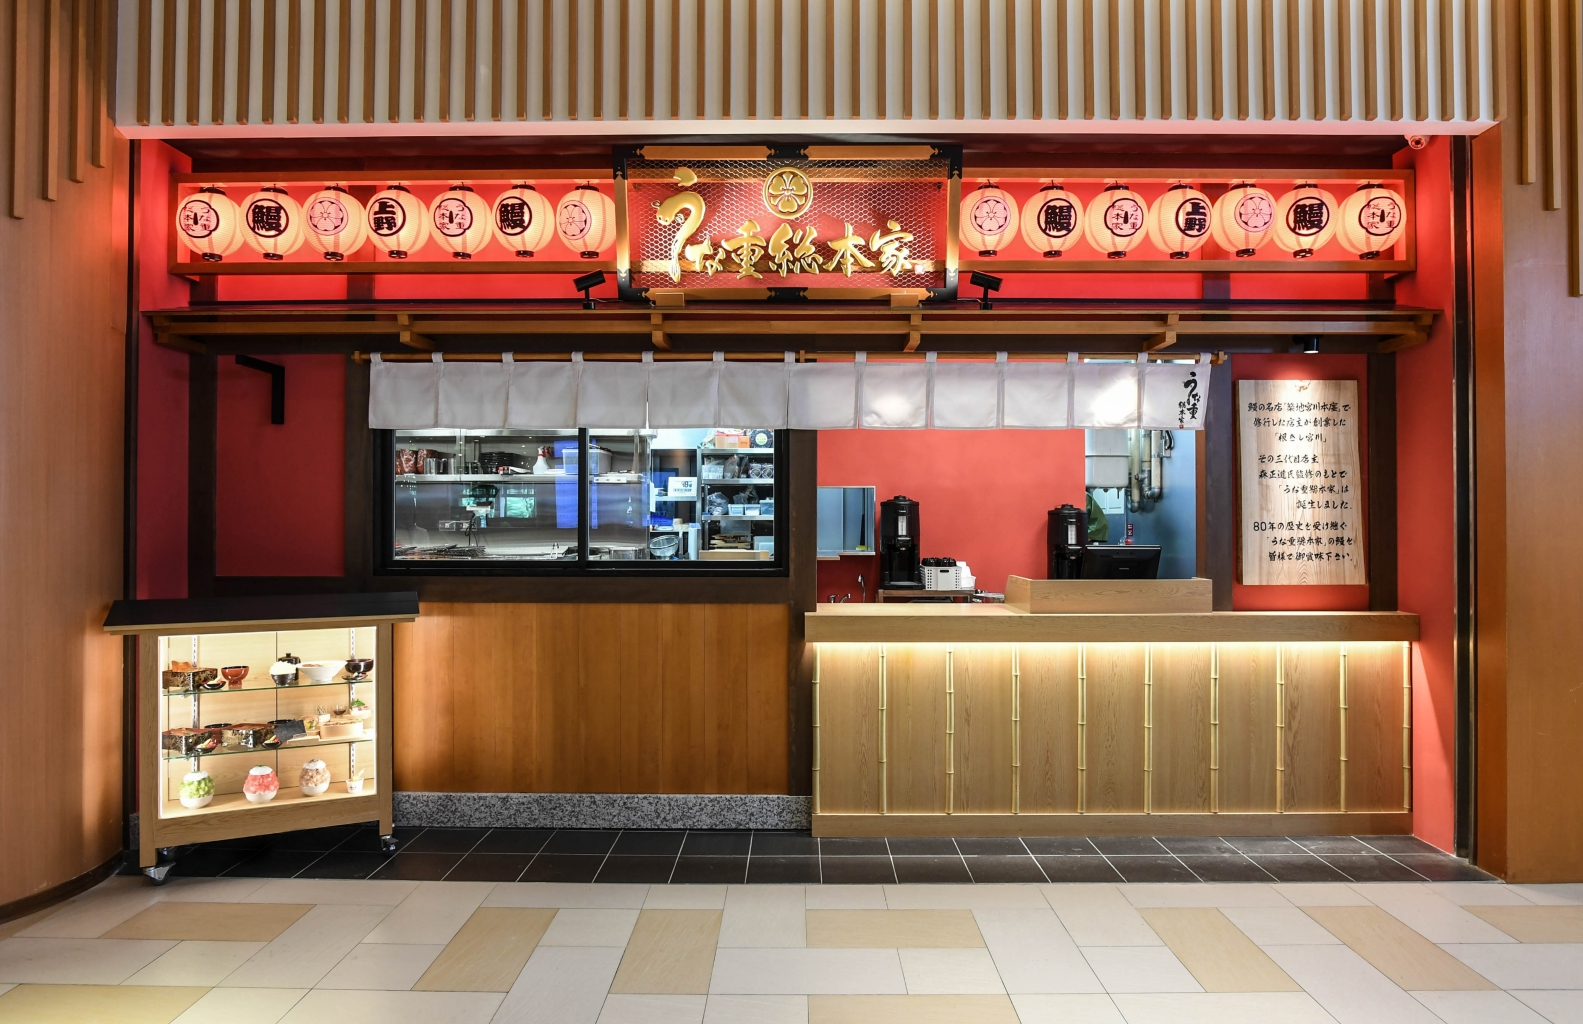 店鋪外觀以木材裝飾而成,消費者用餐可以感受到濃濃日本老舖風情